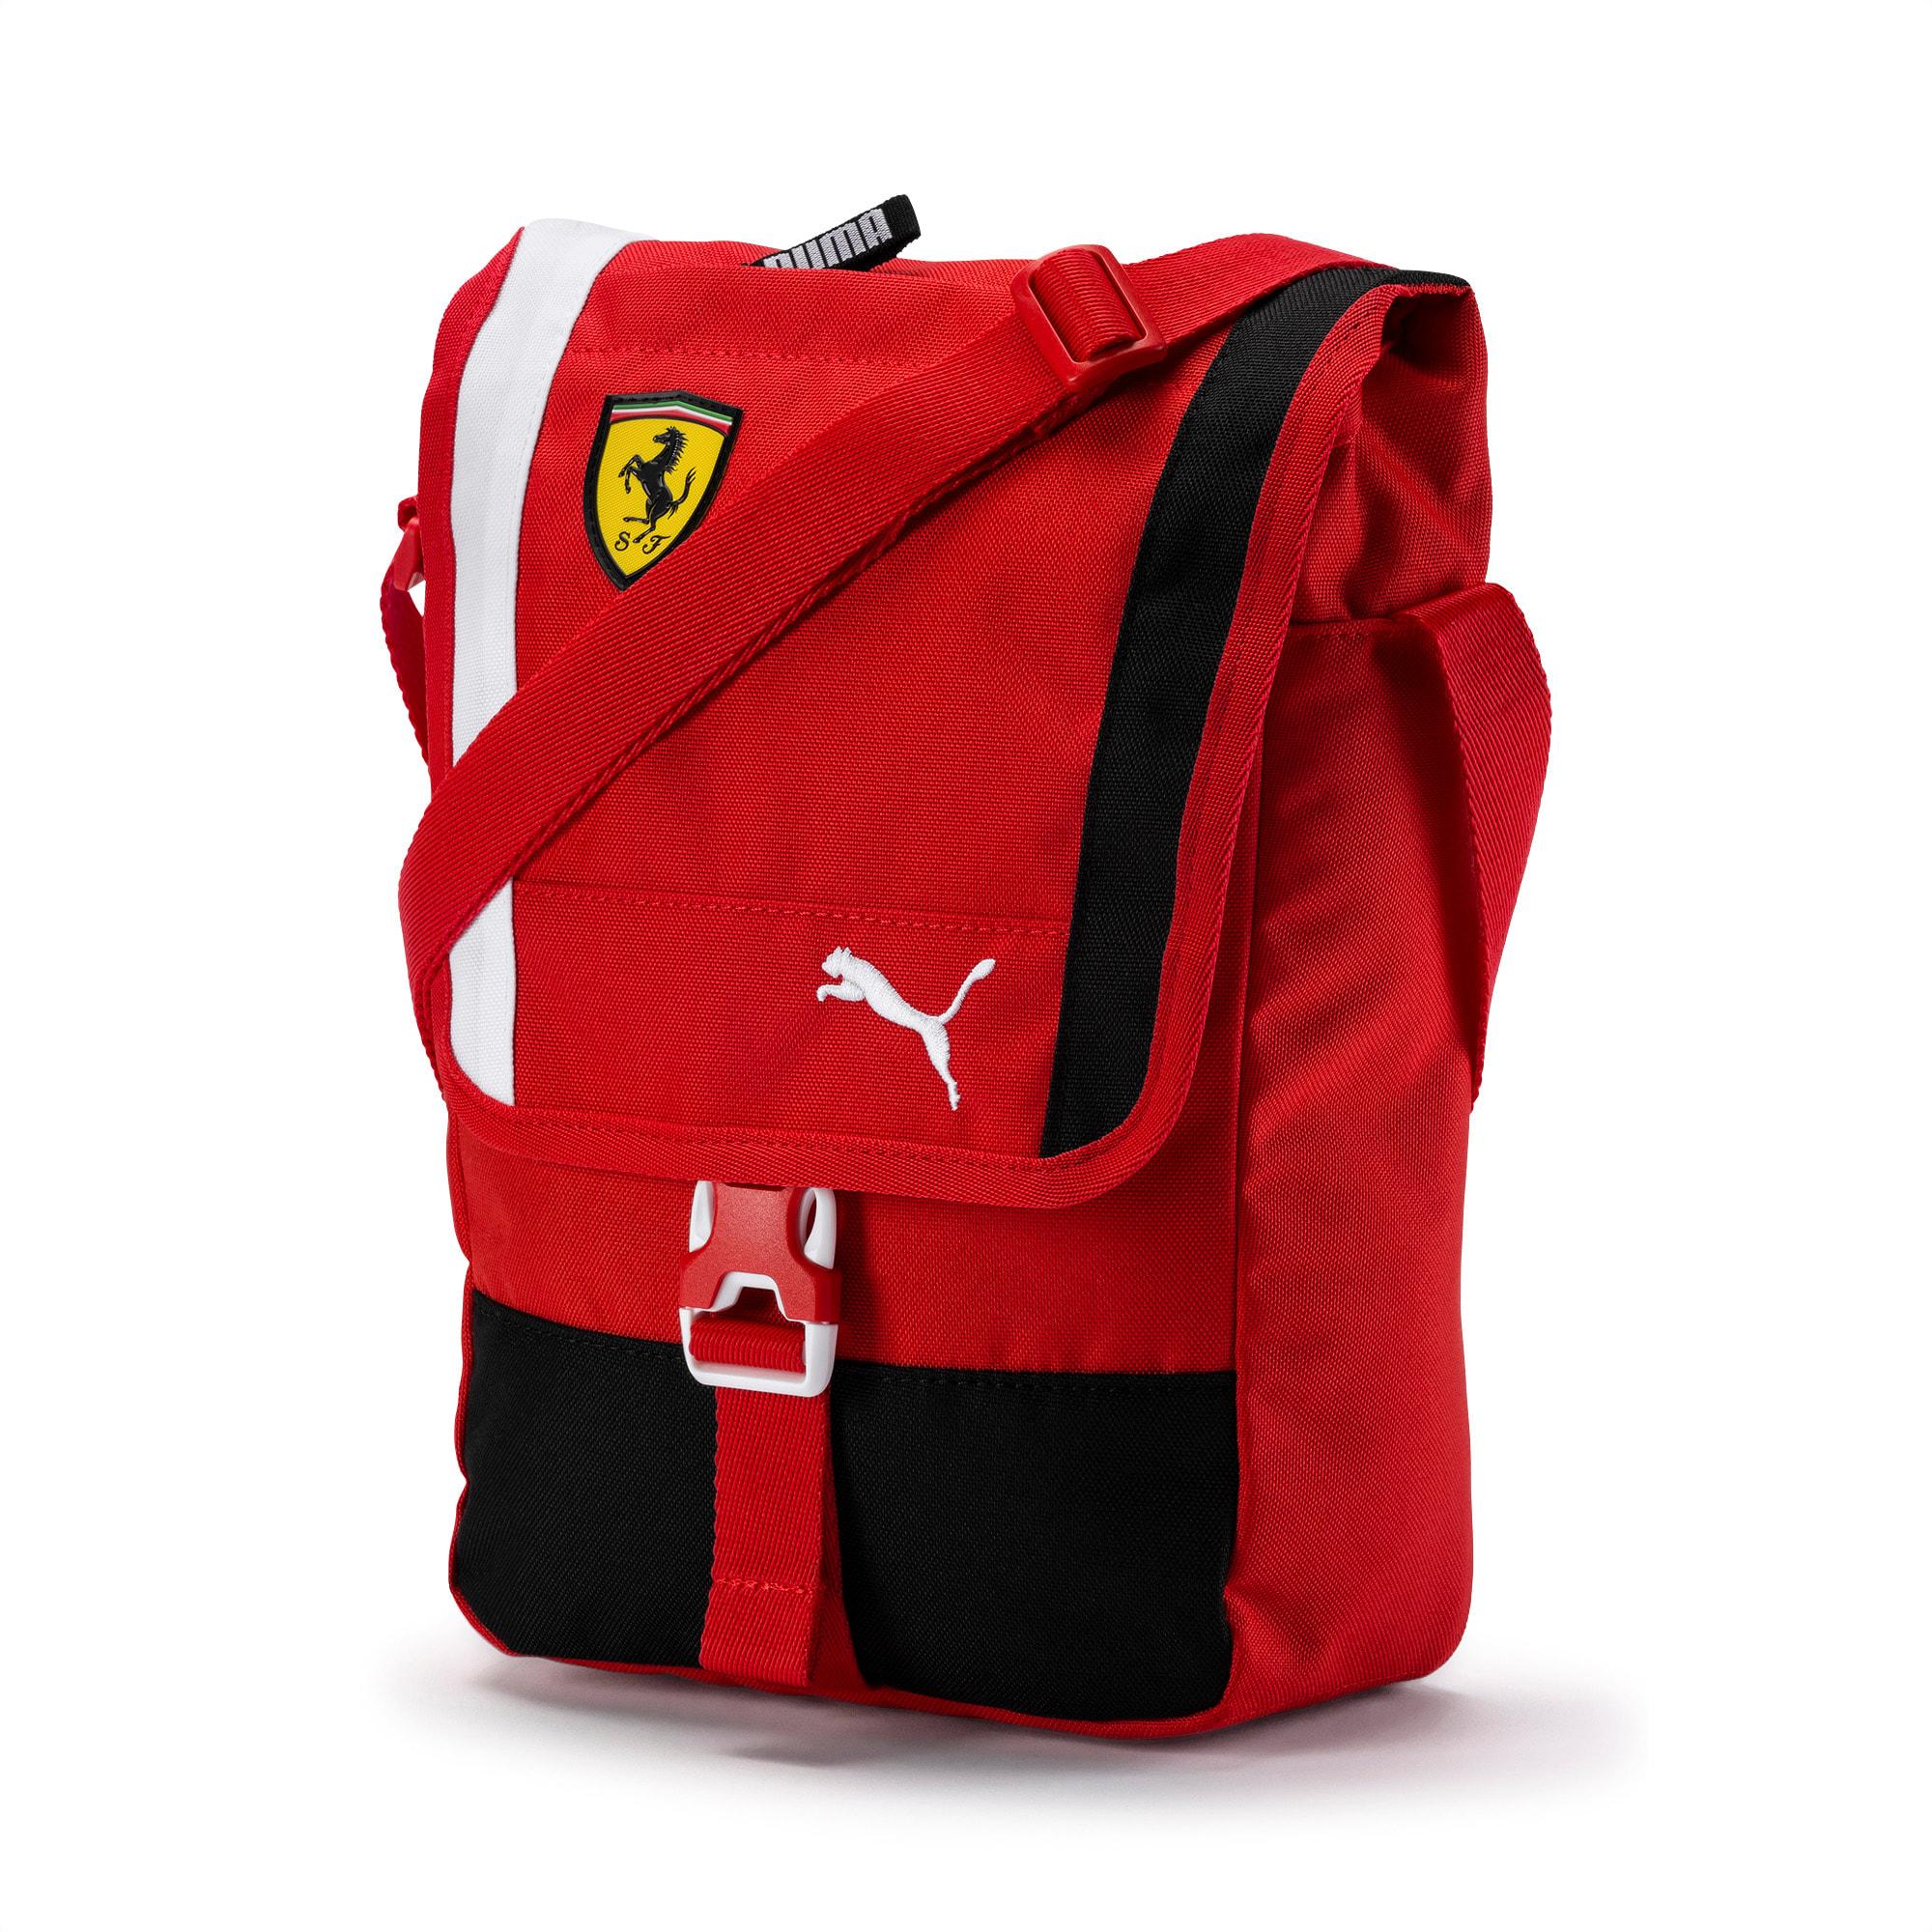 SF Fanwear Portable, Rosso Corsa, large-SEA